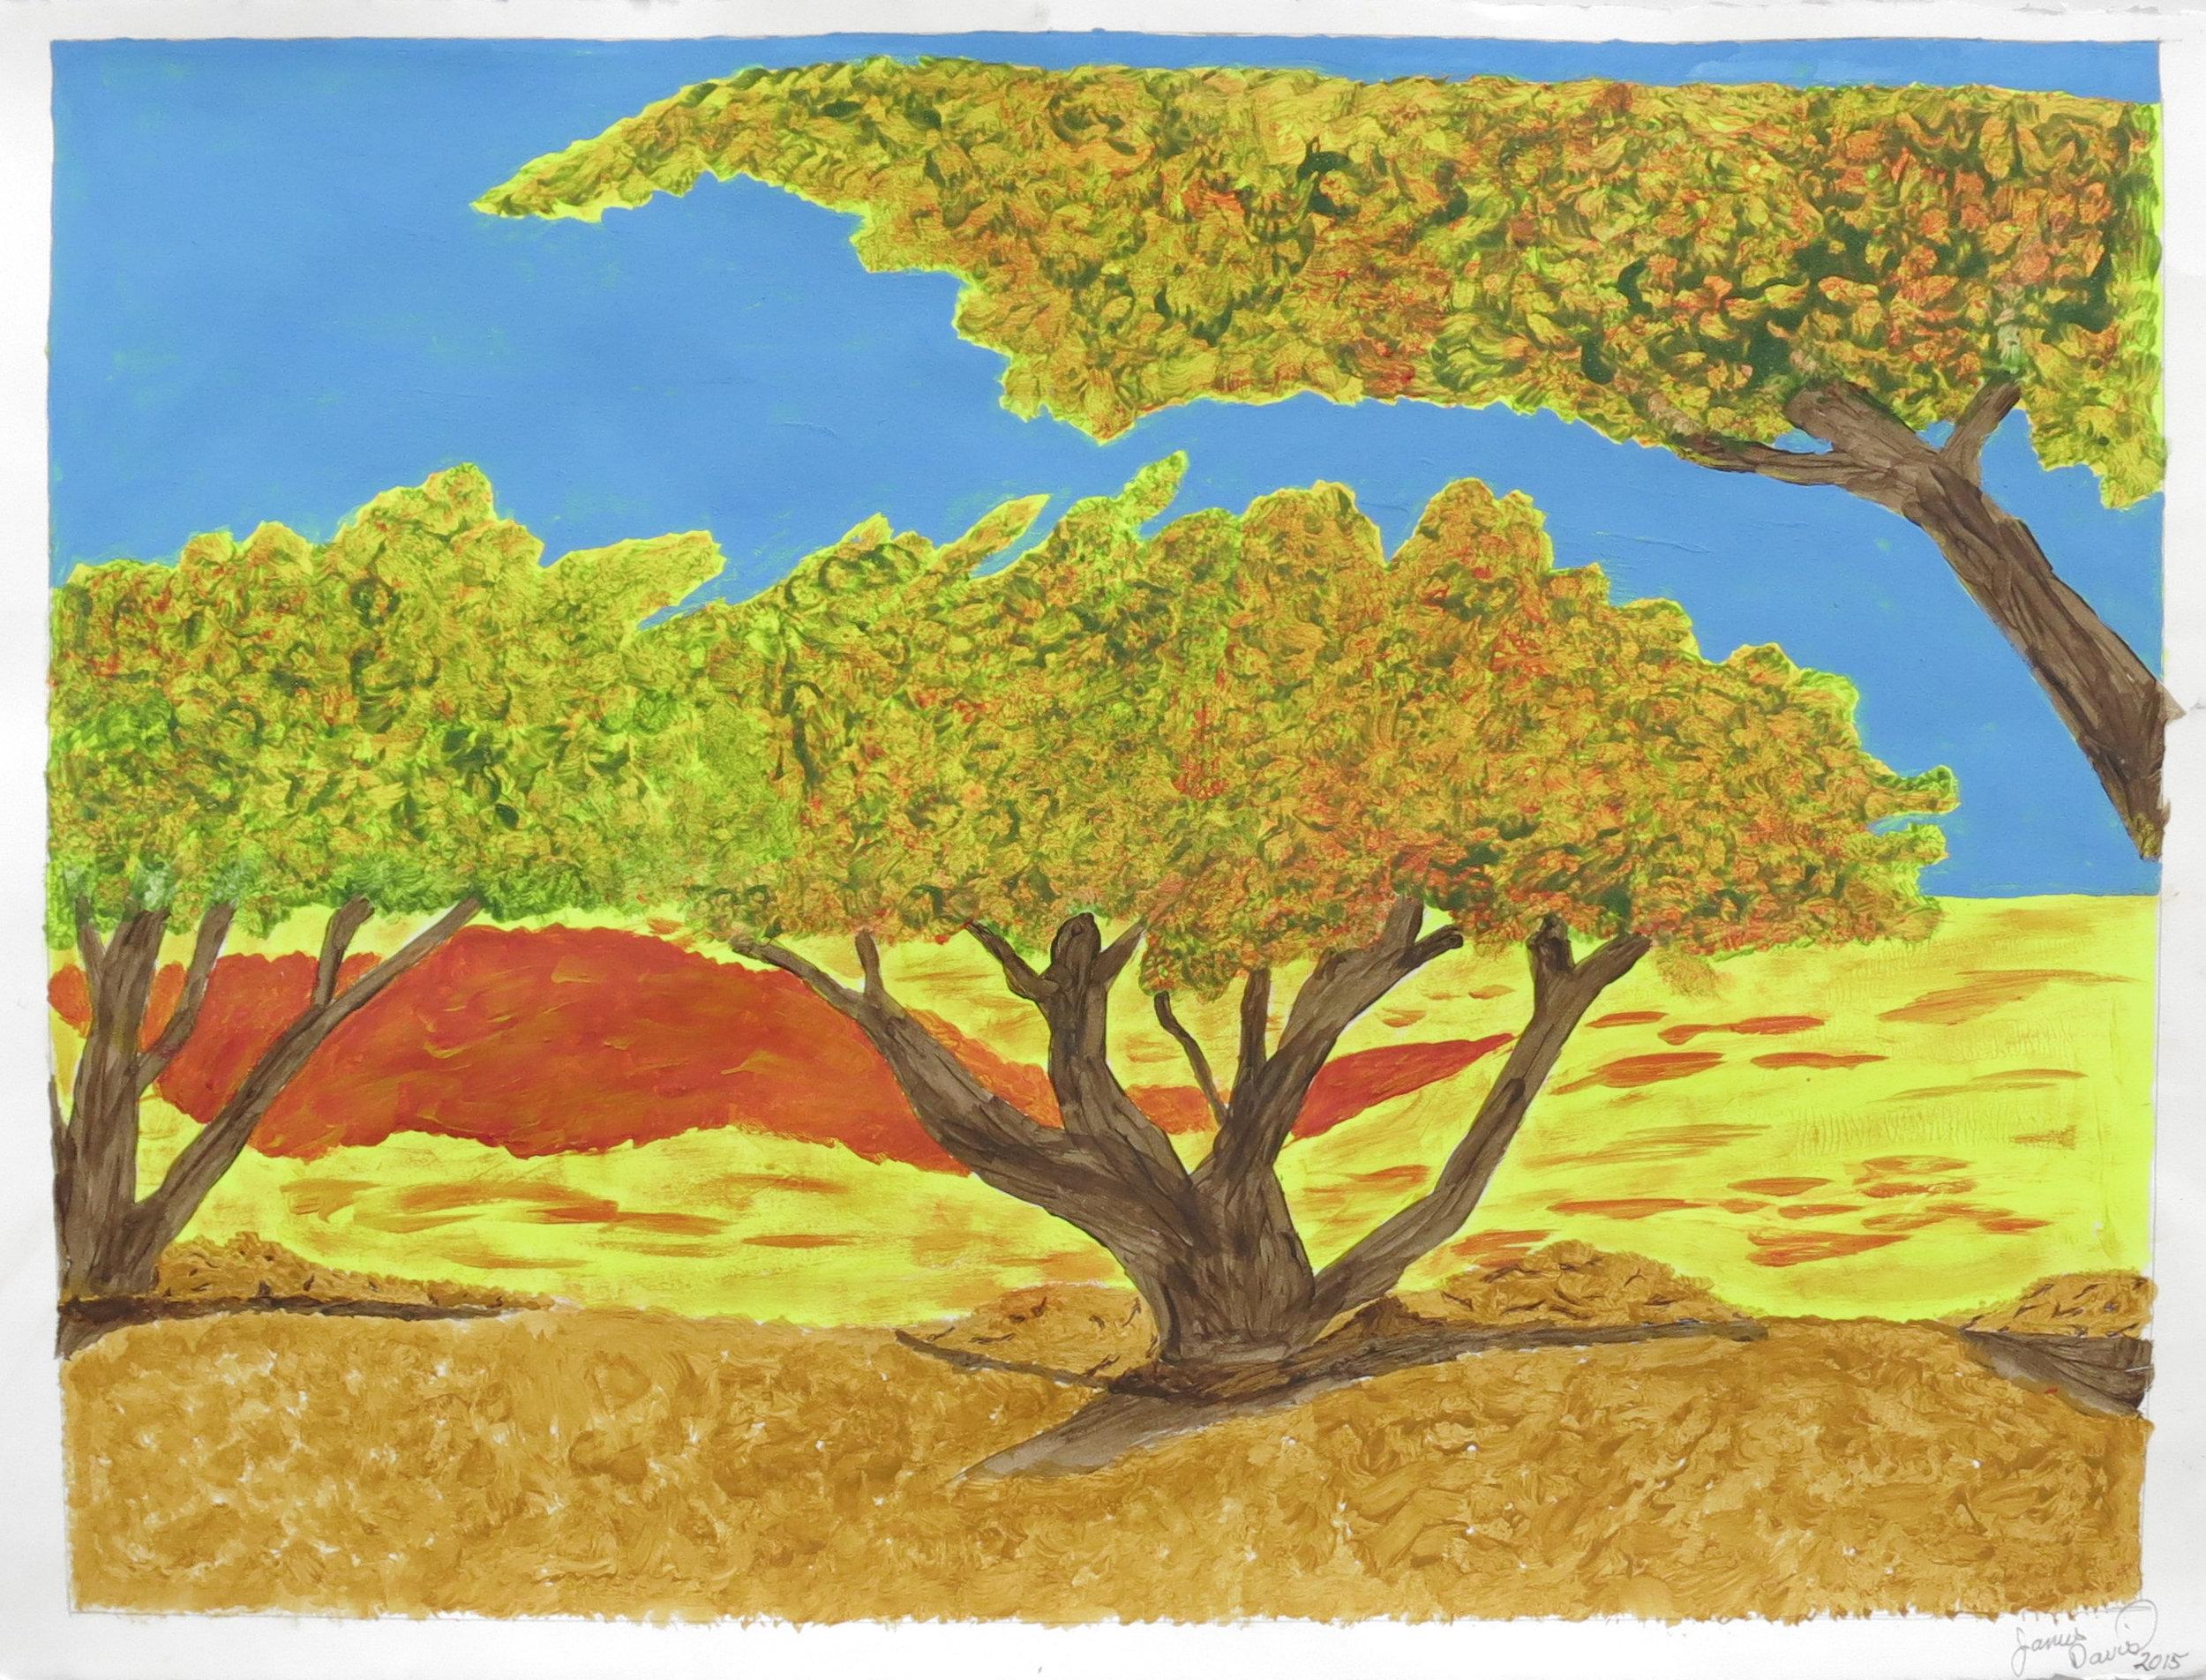 James Davis, Untitled (JDa 018), 2015, Work on paper, 22 x 30 inches